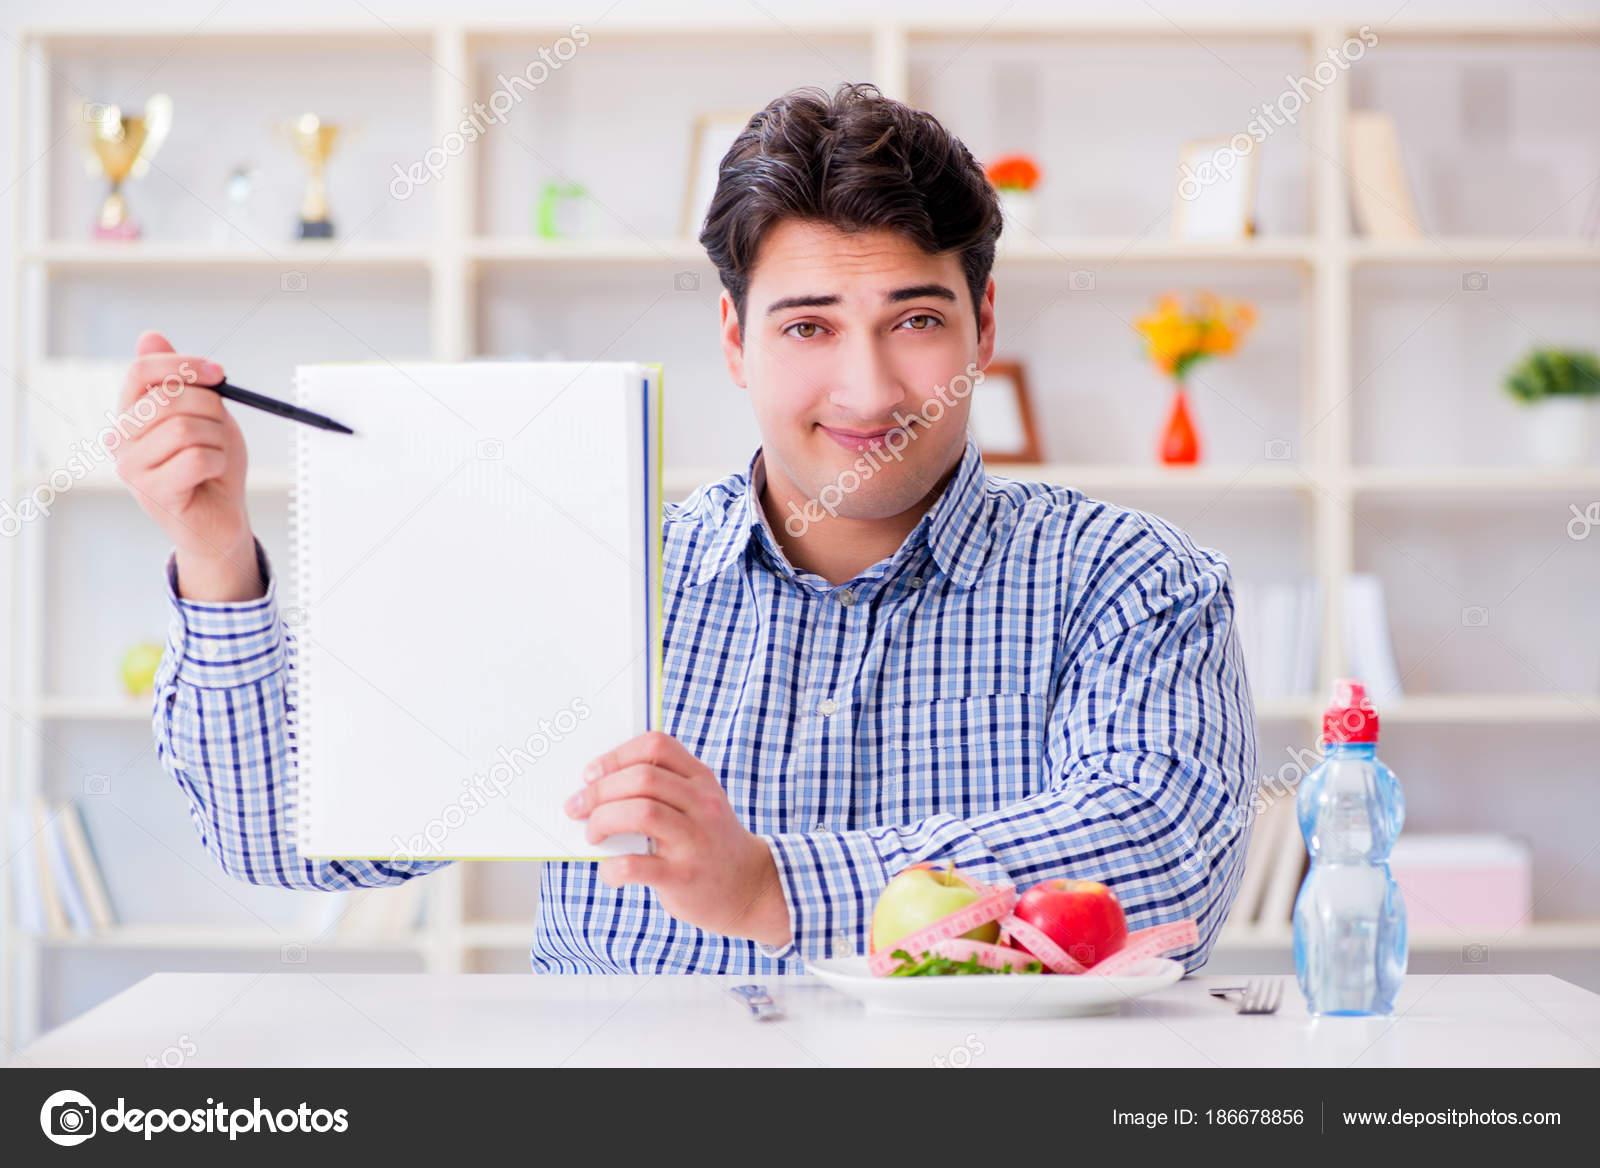 Diete Per Perdere Peso Uomo : Uomo sul programma speciale dieta per perdere peso u foto stock